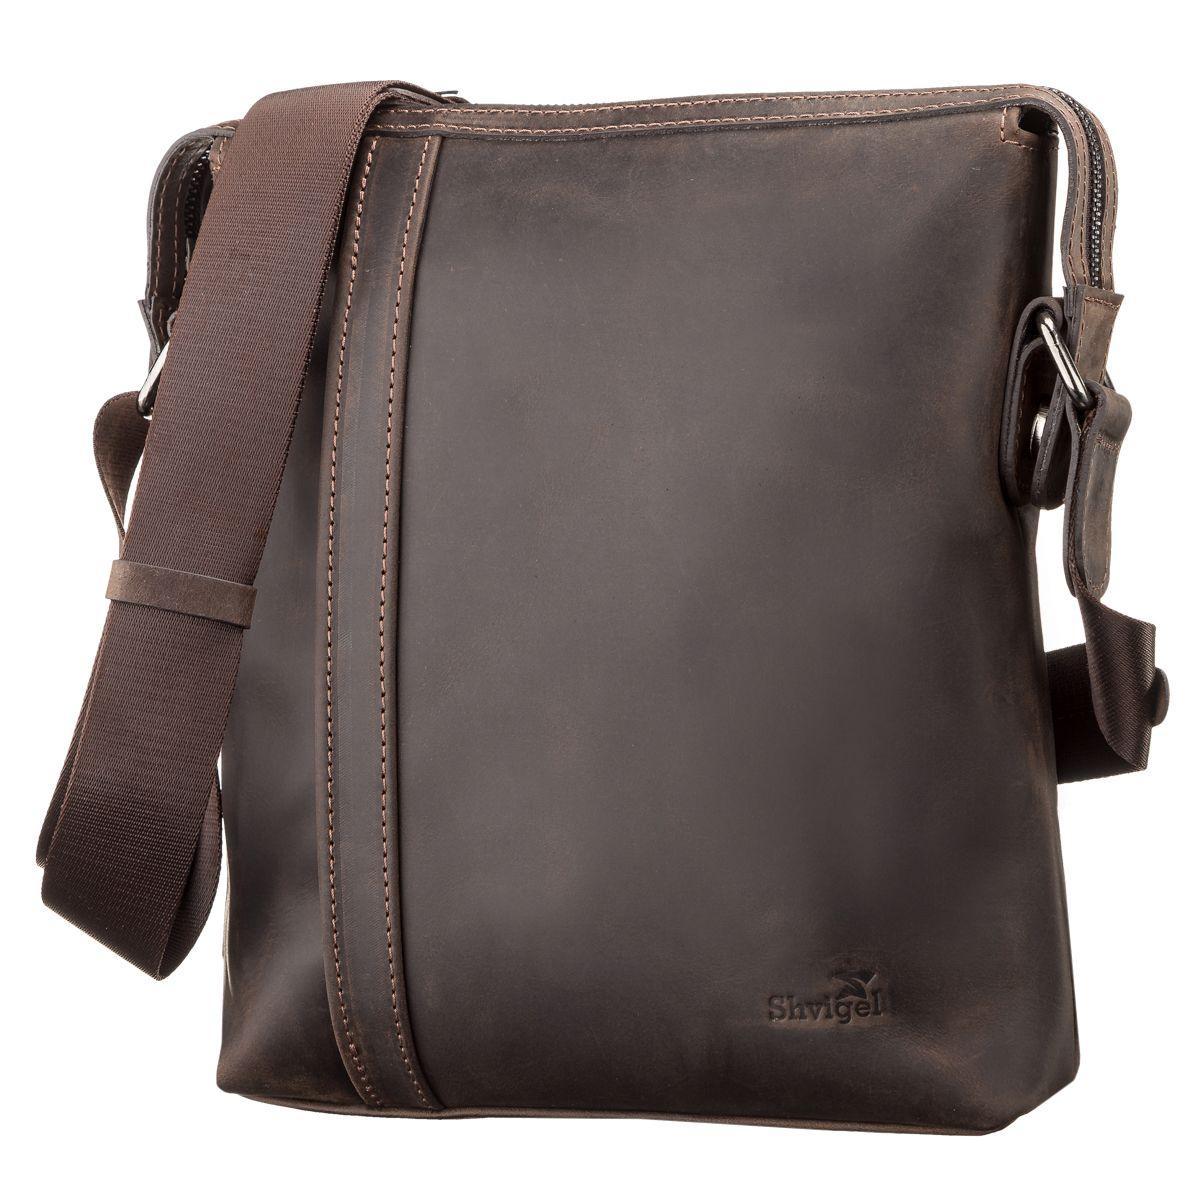 6b7fe38d3cdc Коричневая мужская сумка на плечо SHVIGEL 11099 - Цена, купить ...